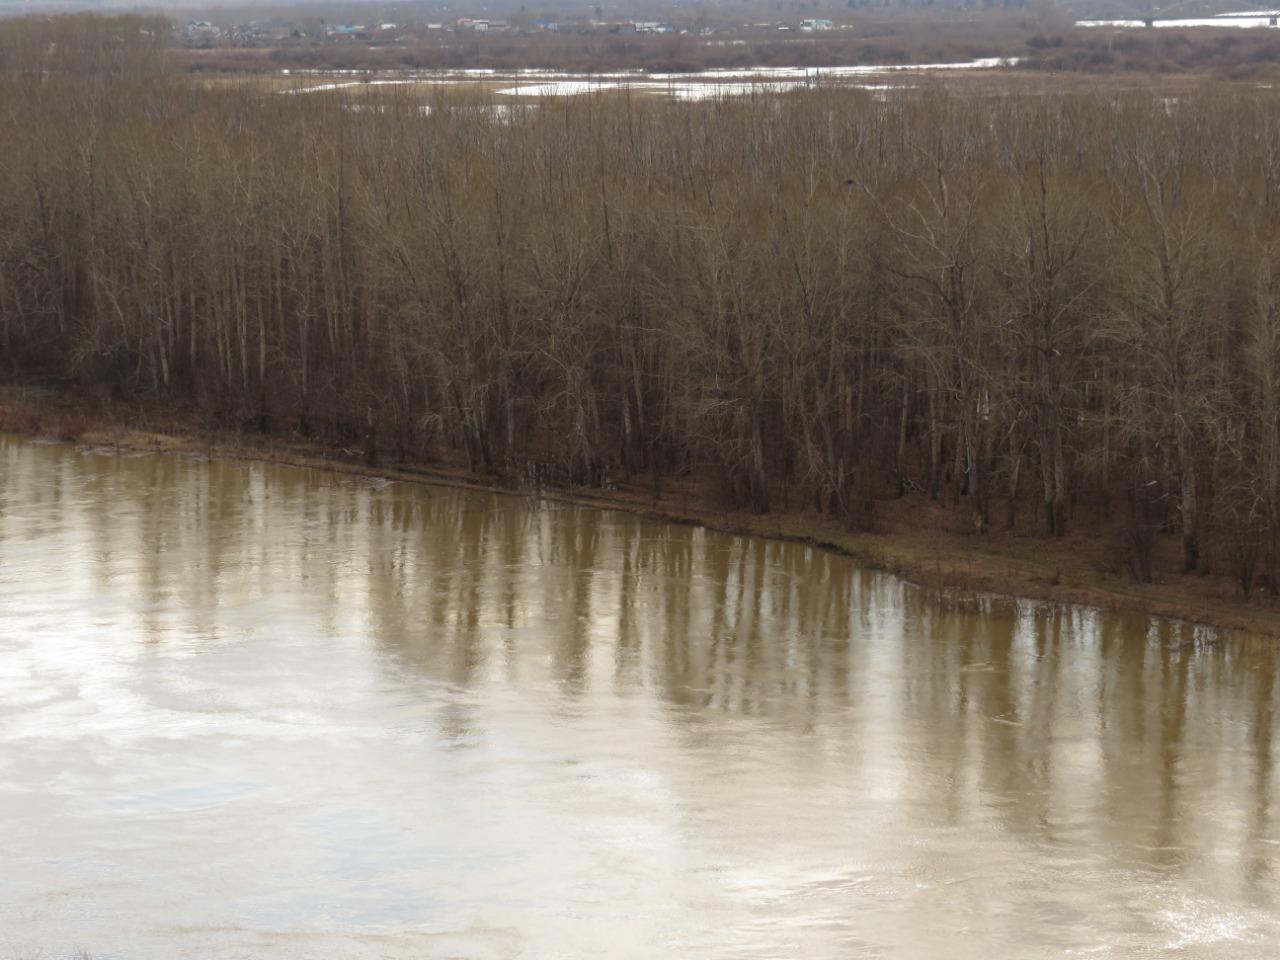 Паводок замочит край Заречного поселка в Петропавловске